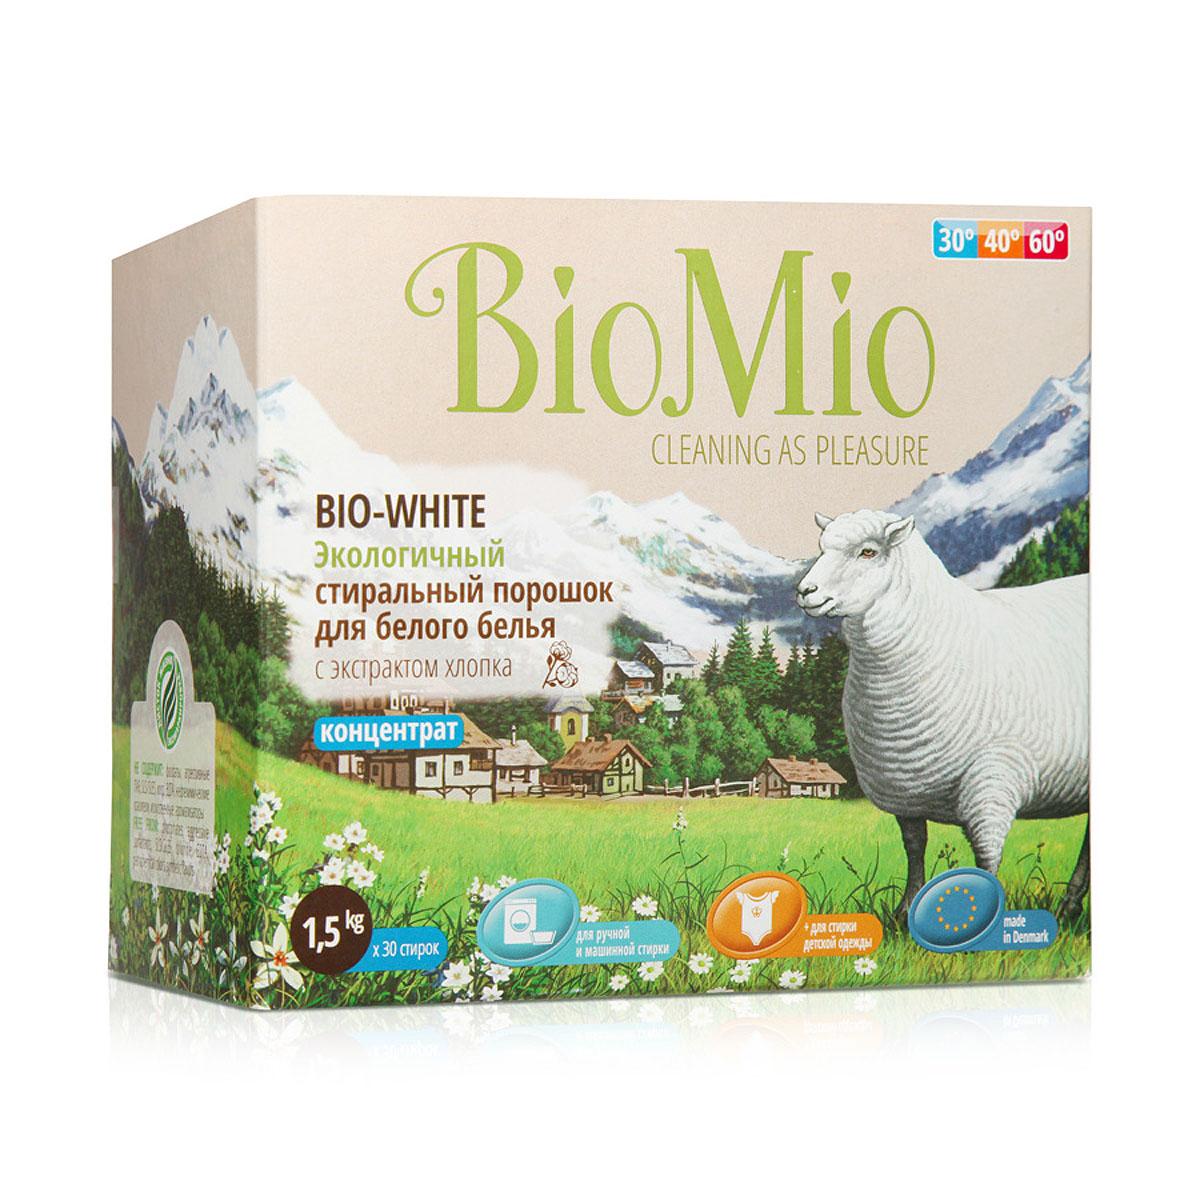 Экологичный стиральный порошок BioMio, для белого белья, с экстрактом хлопка, 1,5 кгПХ-416Экологичный стиральный порошок BioMio эффективно удаляет пятна и загрязнения, не повреждая волокна ткани. Подходит для ручной и машинной стирки. Концентрированная формула обеспечивает экономичный расход. Идеально подходит для стирки детского белья и одежды людей с чувствительной кожей. Полностью выполаскивается, исключает попадание на кожу моющих средств, способных вызывать раздражение чувствительной кожи. Средство без запаха не содержит эфирных масел, что делает его абсолютно безопасным для детской одежды. Не содержит вредных светоотражающих частиц, которые создают иллюзию чистоты и белизны. Безопасен для планеты. Не содержит: фосфаты, агрессивные ПАВ, SLS/SLES, хлор, EDTA, нефтехимические красители, искусственные ароматизаторыBioMio - линейка эффективных средств для дома, использование которых приносит только удовольствие. Уборка помогает не только очистить и гармонизировать свое пространство, но и себя, свои мысли, поэтому важно ее делать с радостью. Средства, созданные с любовью и заботой, помогут в этом и идеально справятся с загрязнениями, оставаясь при этом абсолютно безопасными и экологичными. Средства BioMio незаменимы, если в доме есть ребенок. Характеристики:Состав: 15-30% кислородный отбеливатель; 5-15% цеолиты, неионогенные ПАВ; Вес: 1,5 кг. Товар сертифицирован.